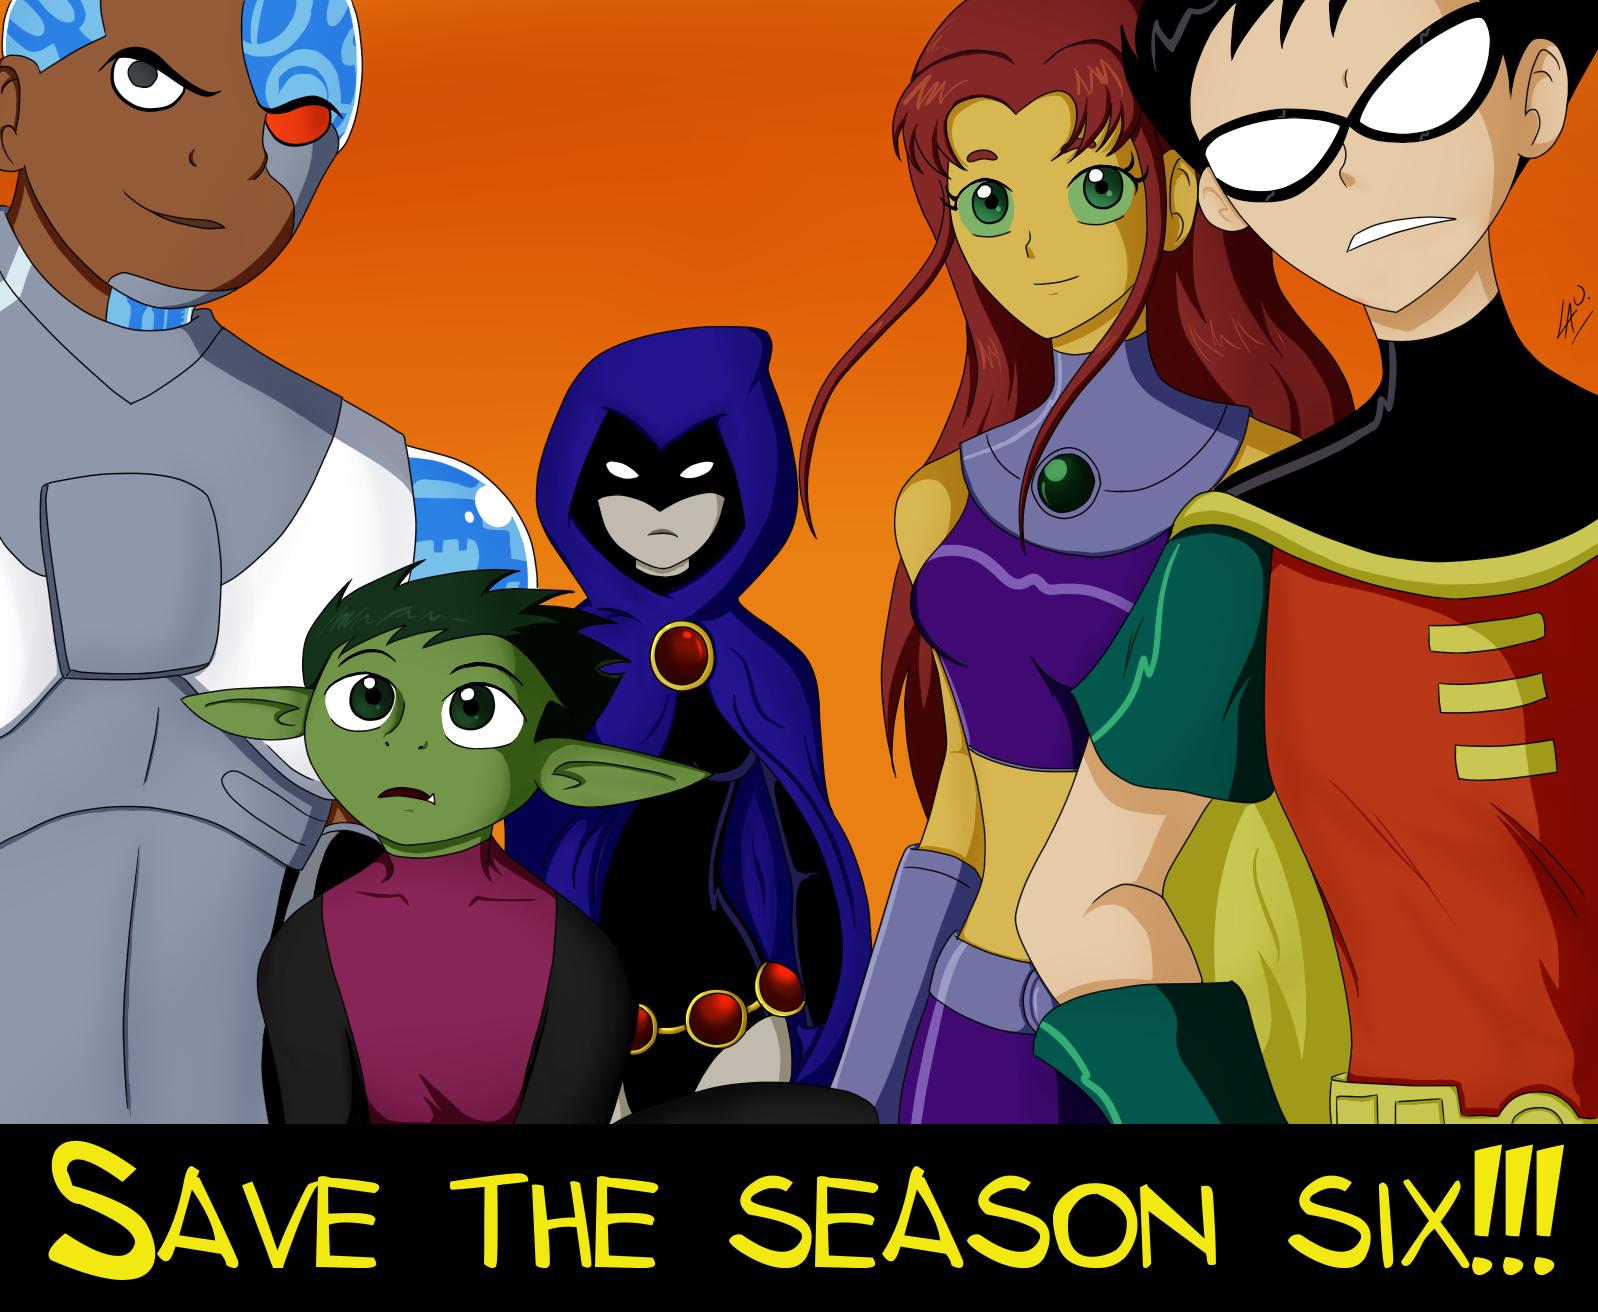 Save the season 6 by kuki4982